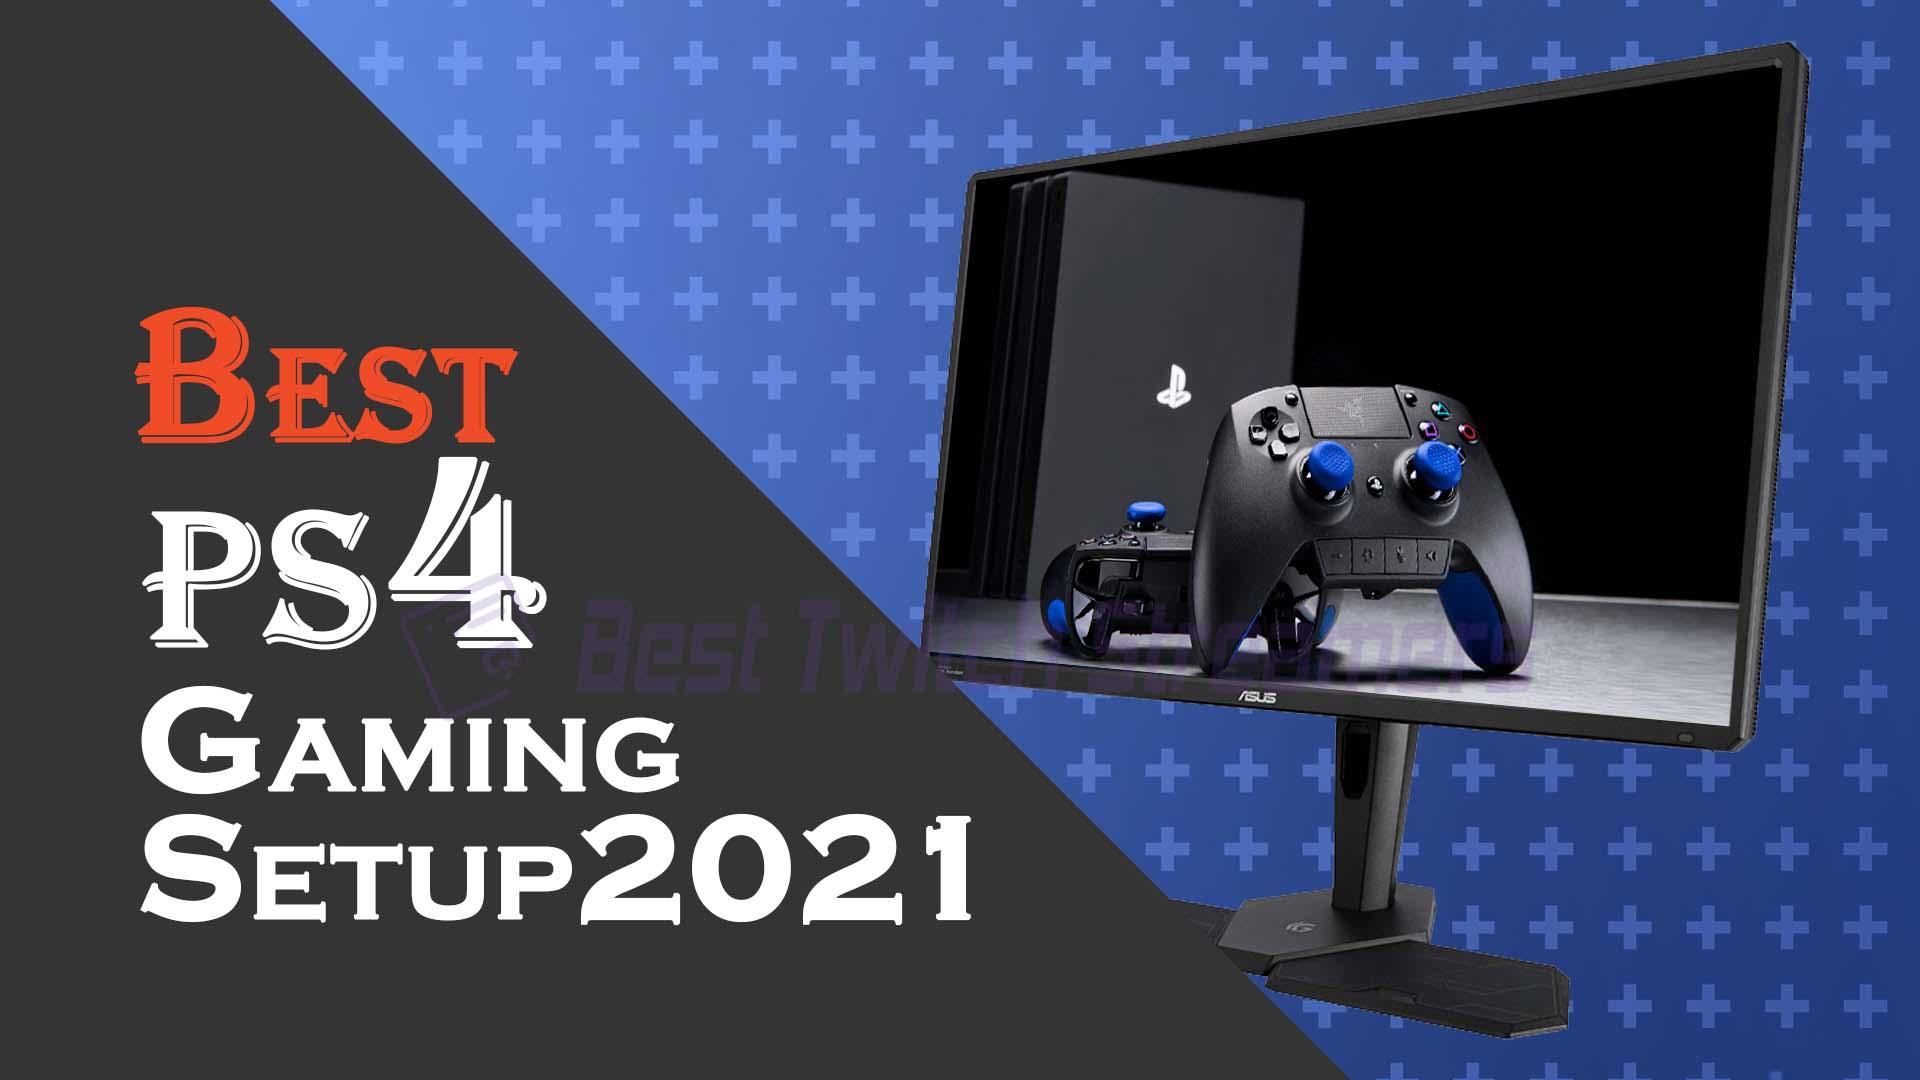 ps4 gaming setup